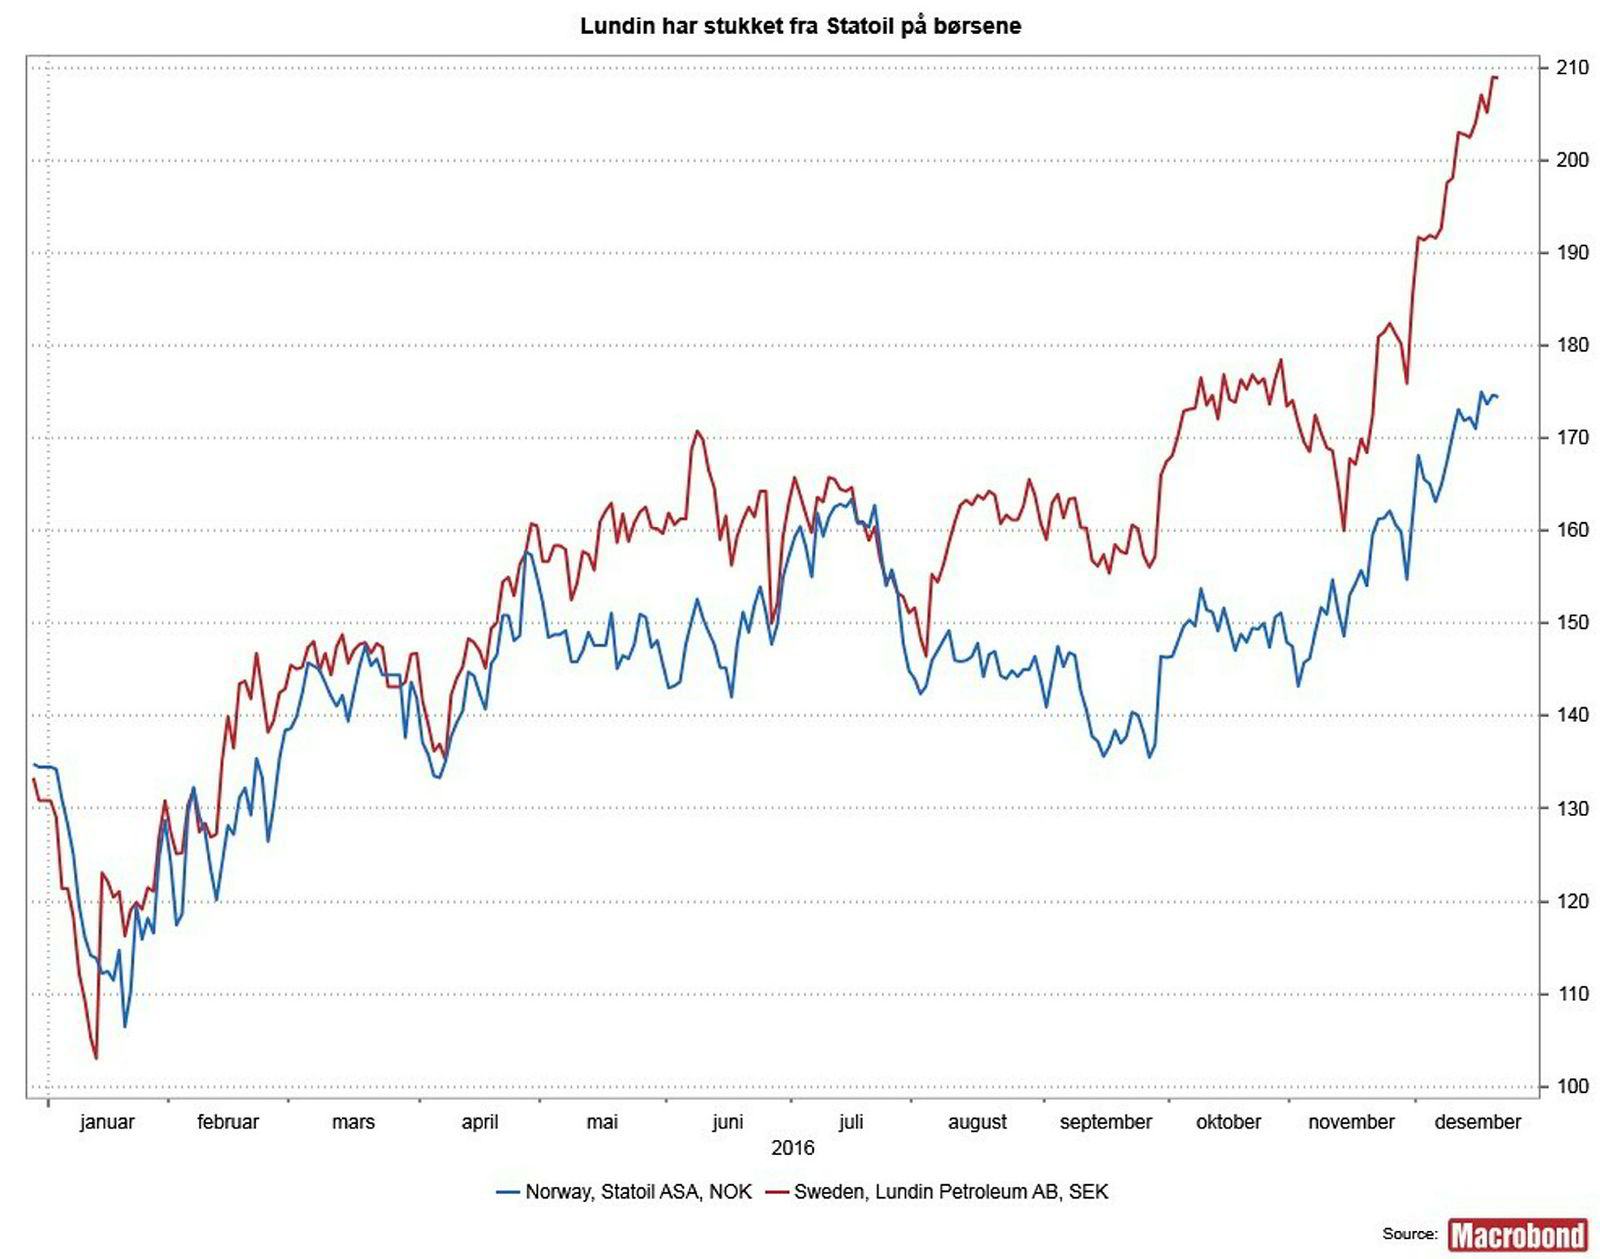 Lundin-aksjen har stukket fra Statoil på børsene.